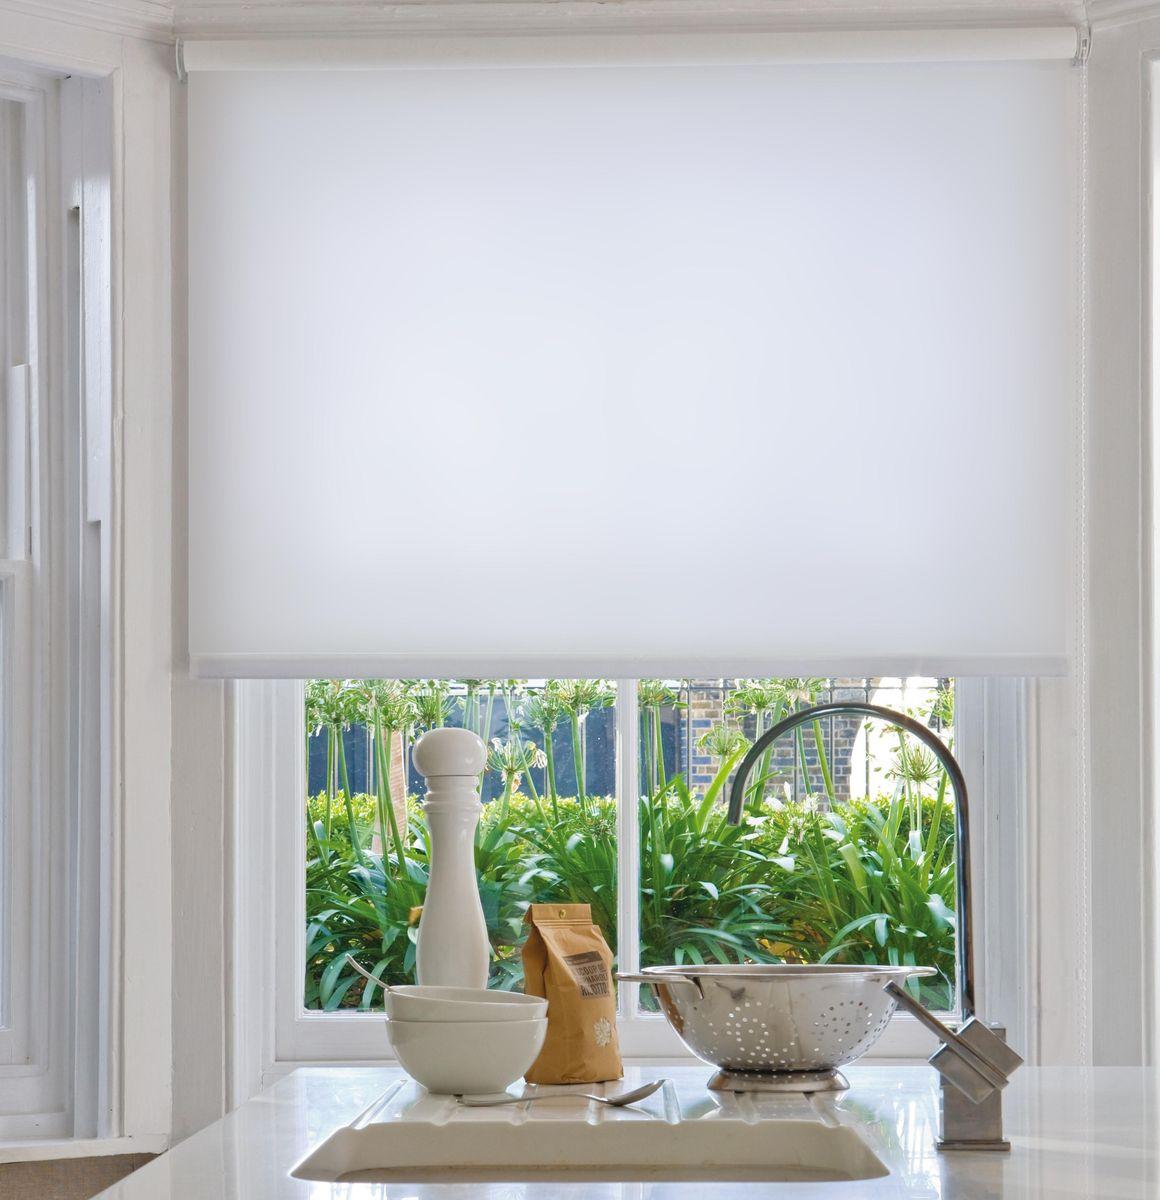 Штора рулонная Эскар Ролло. Однотонные, цвет: белый, ширина 60 см, высота 170 см8008060170Рулонными шторами можно оформлять окна как самостоятельно, так и использовать в комбинации с портьерами. Это поможет предотвратить выгорание дорогой ткани на солнце и соединит функционал рулонных с красотой навесных. Преимущества применения рулонных штор для пластиковых окон: - имеют прекрасный внешний вид: многообразие и фактурность материала изделия отлично смотрятся в любом интерьере; - многофункциональны: есть возможность подобрать шторы способные эффективно защитить комнату от солнца, при этом о на не будет слишком темной. - Есть возможность осуществить быстрый монтаж. ВНИМАНИЕ! Размеры ширины изделия указаны по ширине ткани! Во время эксплуатации не рекомендуется полностью разматывать рулон, чтобы не оторвать ткань от намоточного вала. В случае загрязнения поверхности ткани, чистку шторы проводят одним из способов, в зависимости от типа загрязнения: легкое поверхностное загрязнение можно удалить при помощи канцелярского ластика; чистка от пыли производится сухим методом при помощи пылесоса с мягкой щеткой-насадкой; для удаления пятна используйте мягкую губку с пенообразующим неагрессивным моющим средством или пятновыводитель на натуральной основе (нельзя применять растворители). Рекомендуем!